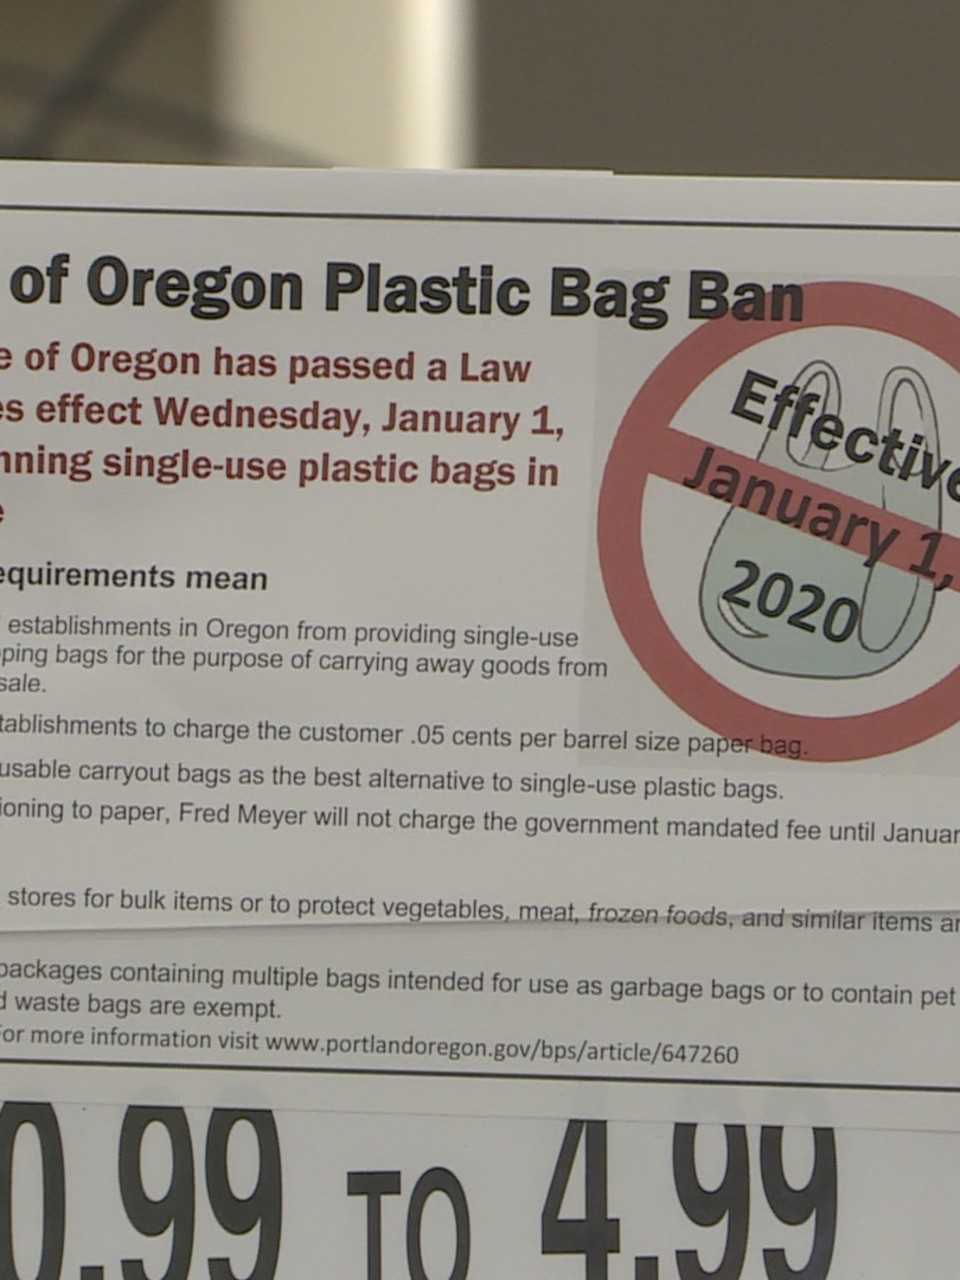 2020 Plastic Bag Ban Ktvl